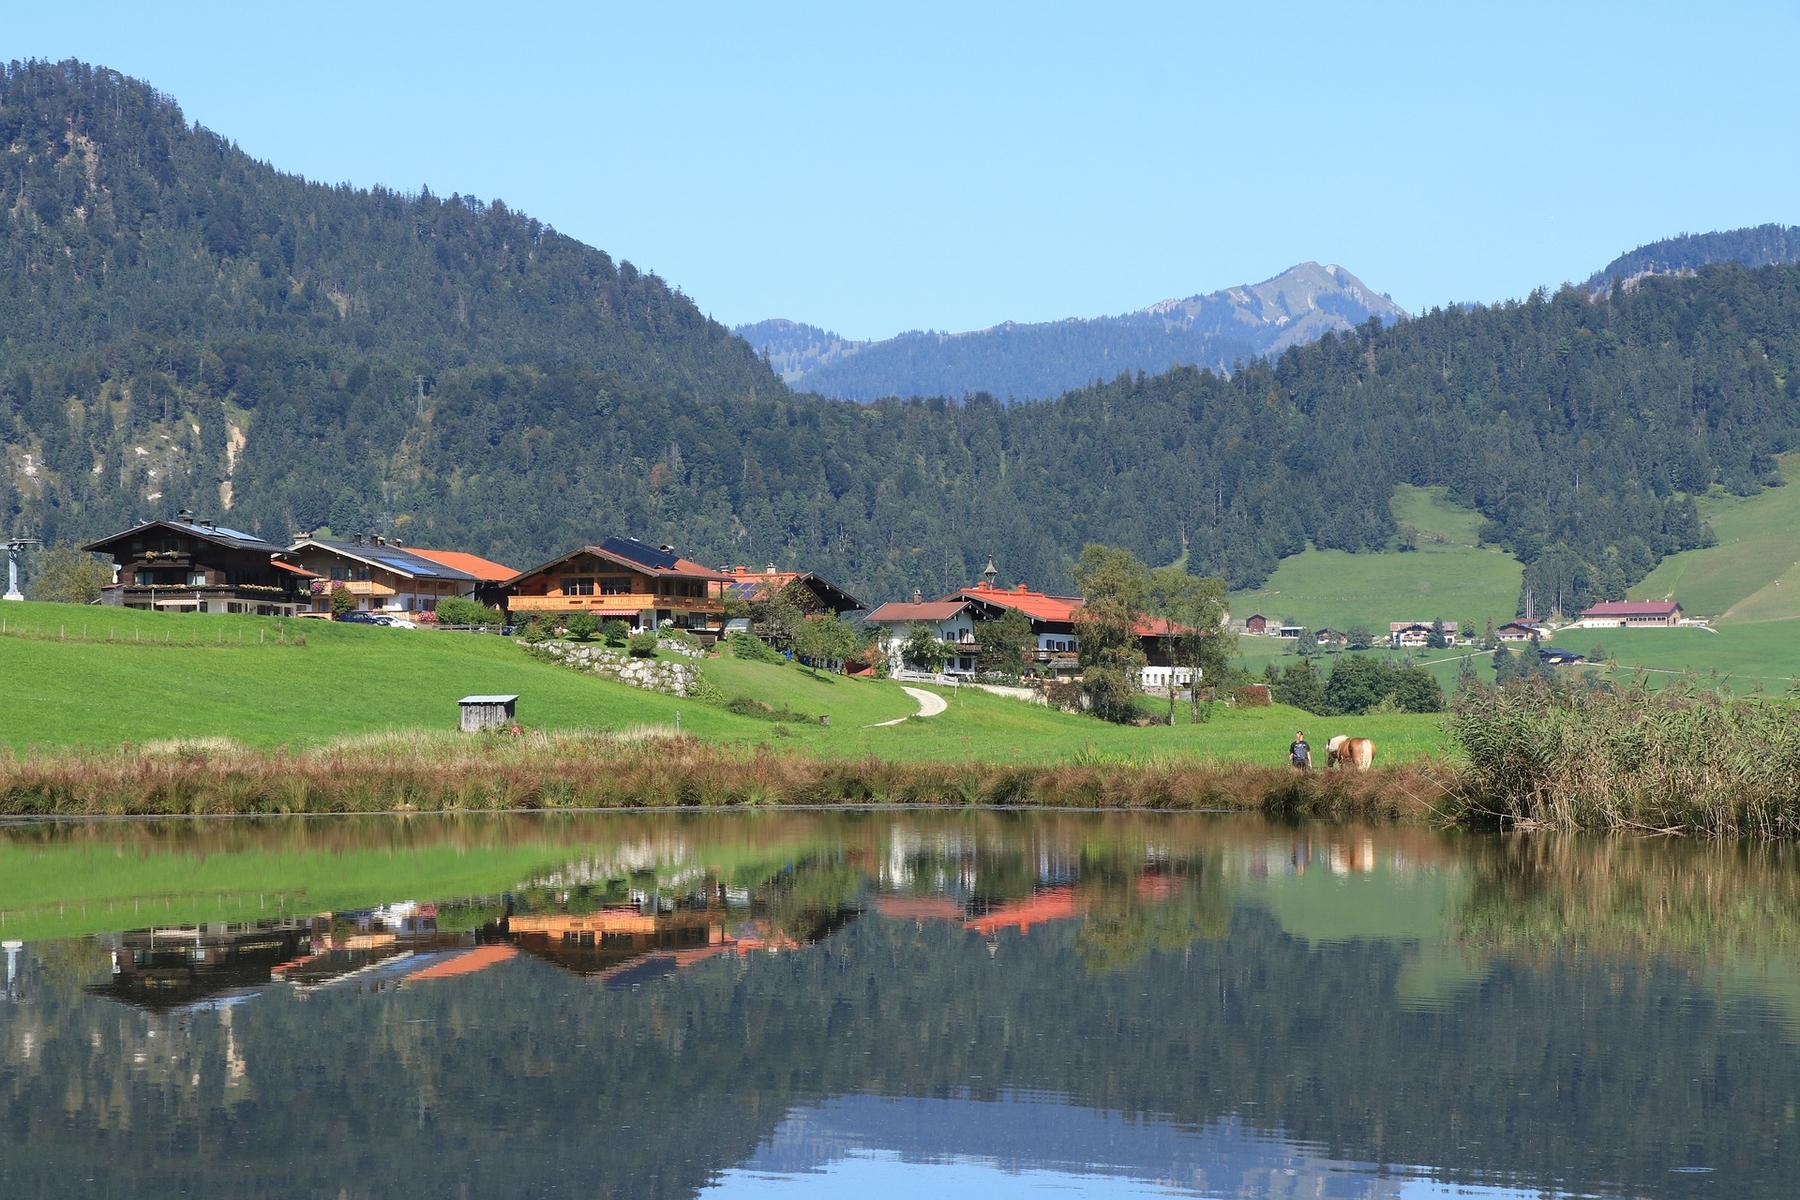 Mooie plaatsen Duitsland Reit im Winkl in Beieren